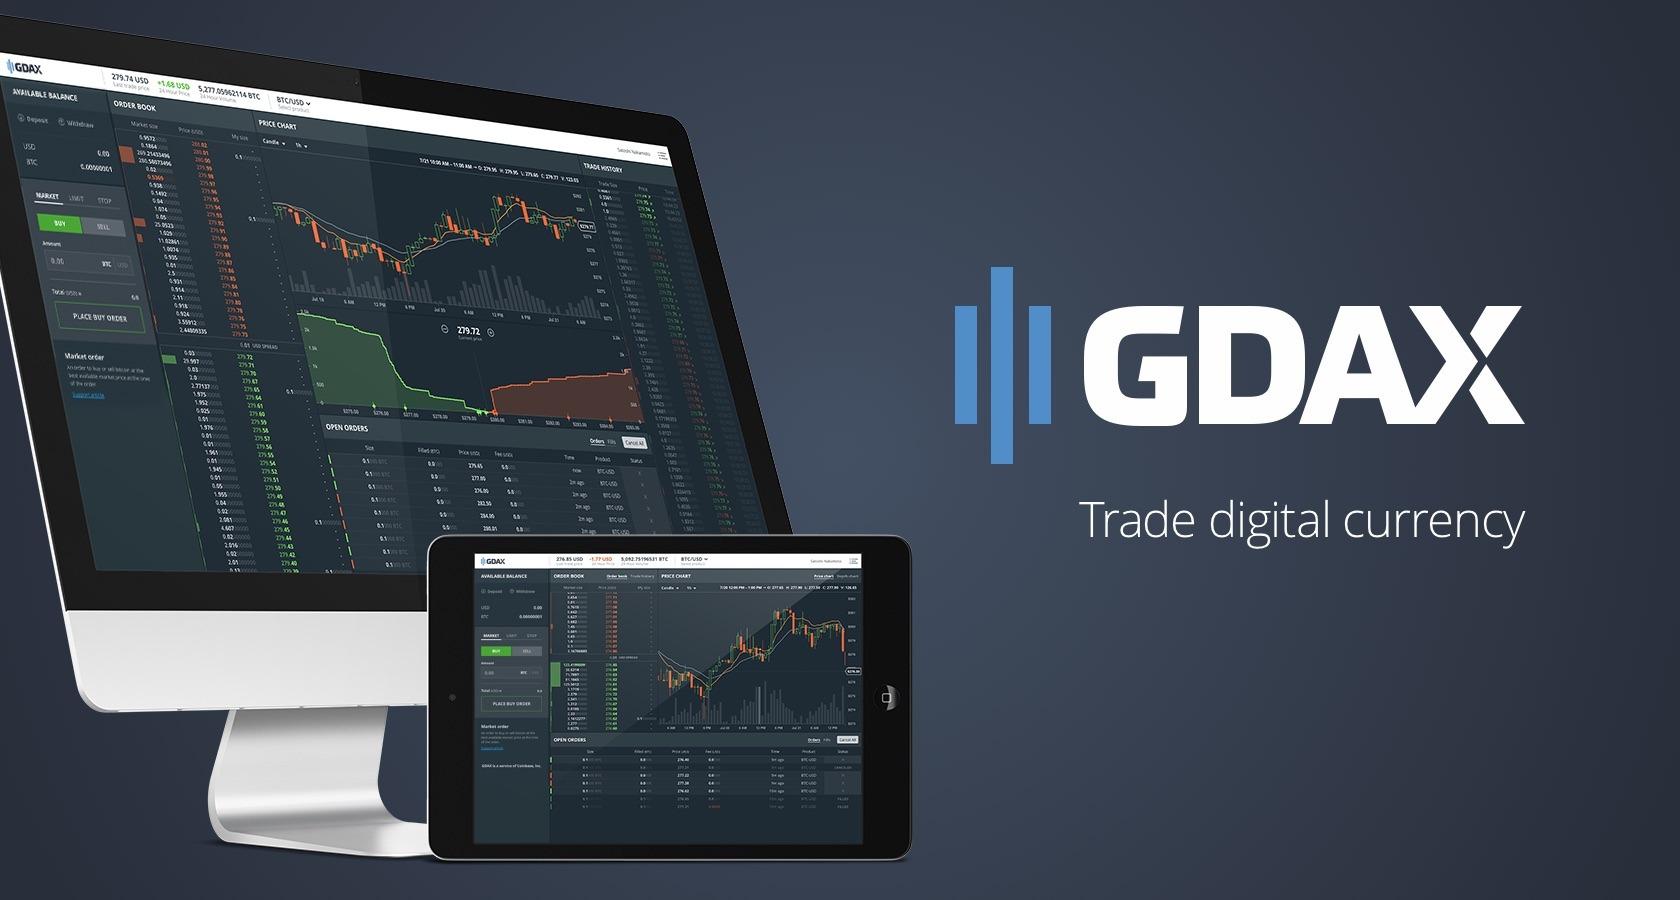 Charlie Lee, diretor de engenharia da Coinbase, enfatizou que não permitirá que a GDAX, braço de câmbio digital da Coinbase, suporte Bitcoin Unlimited (BU).